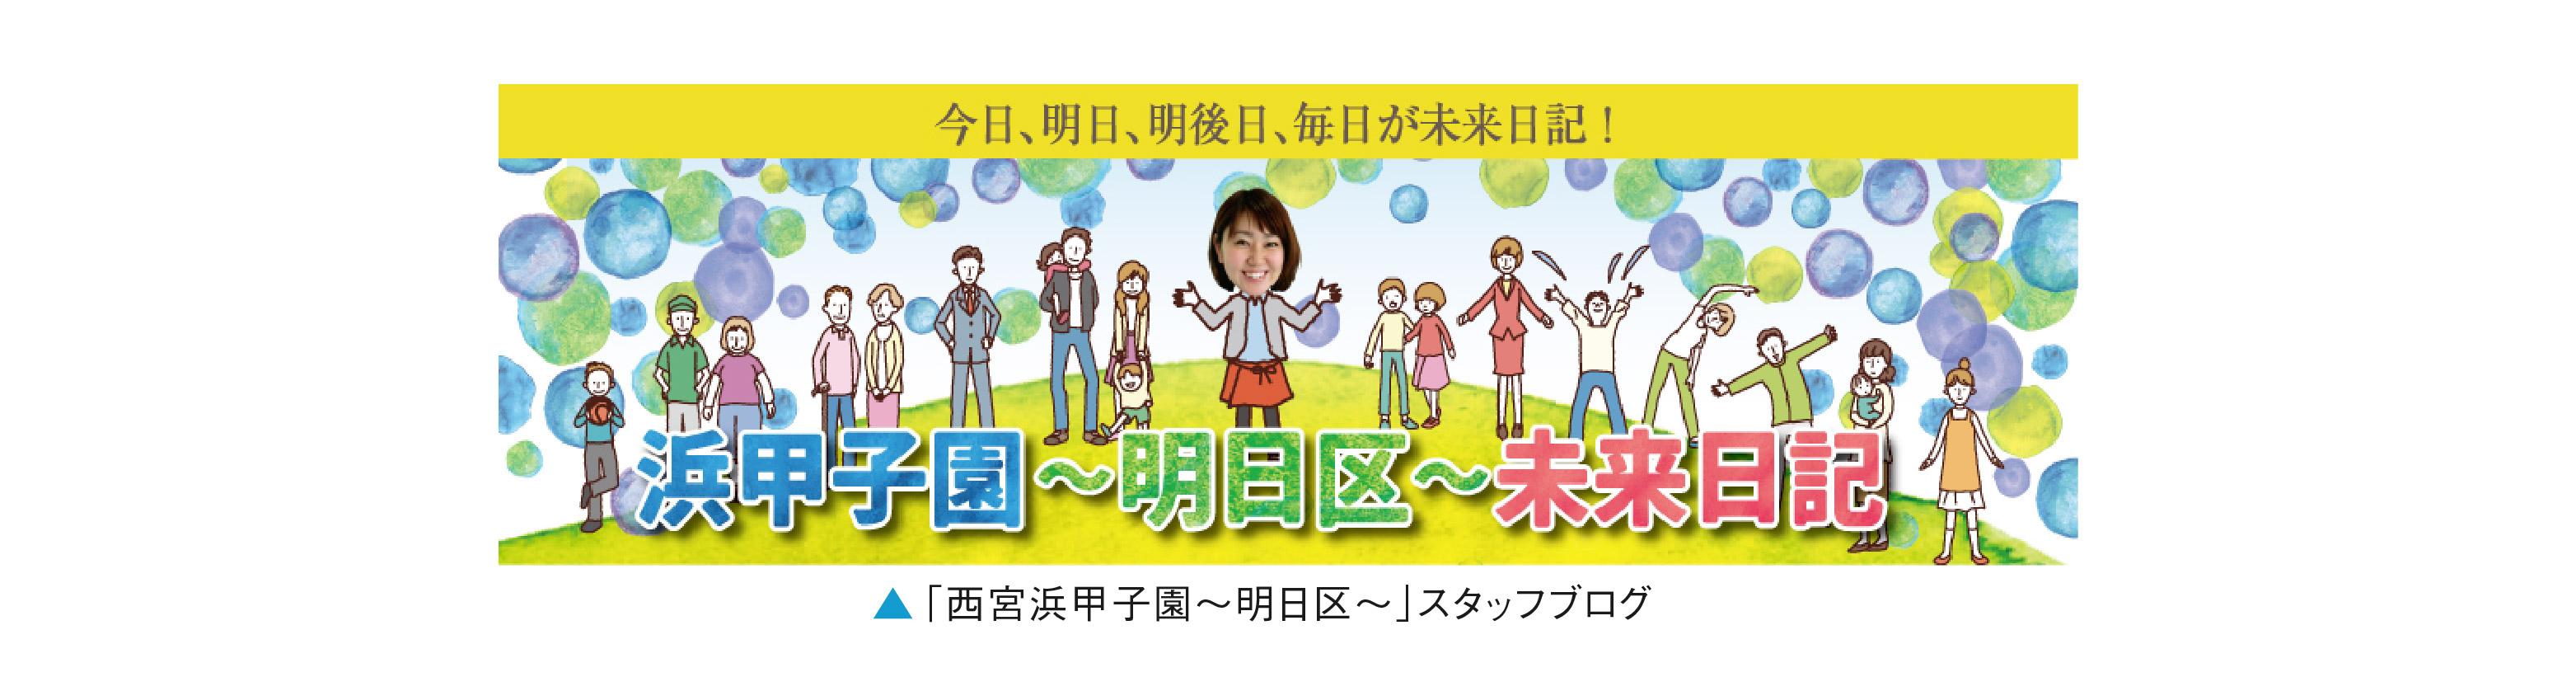 【西宮浜甲子園~明日区~】スタッフブログ